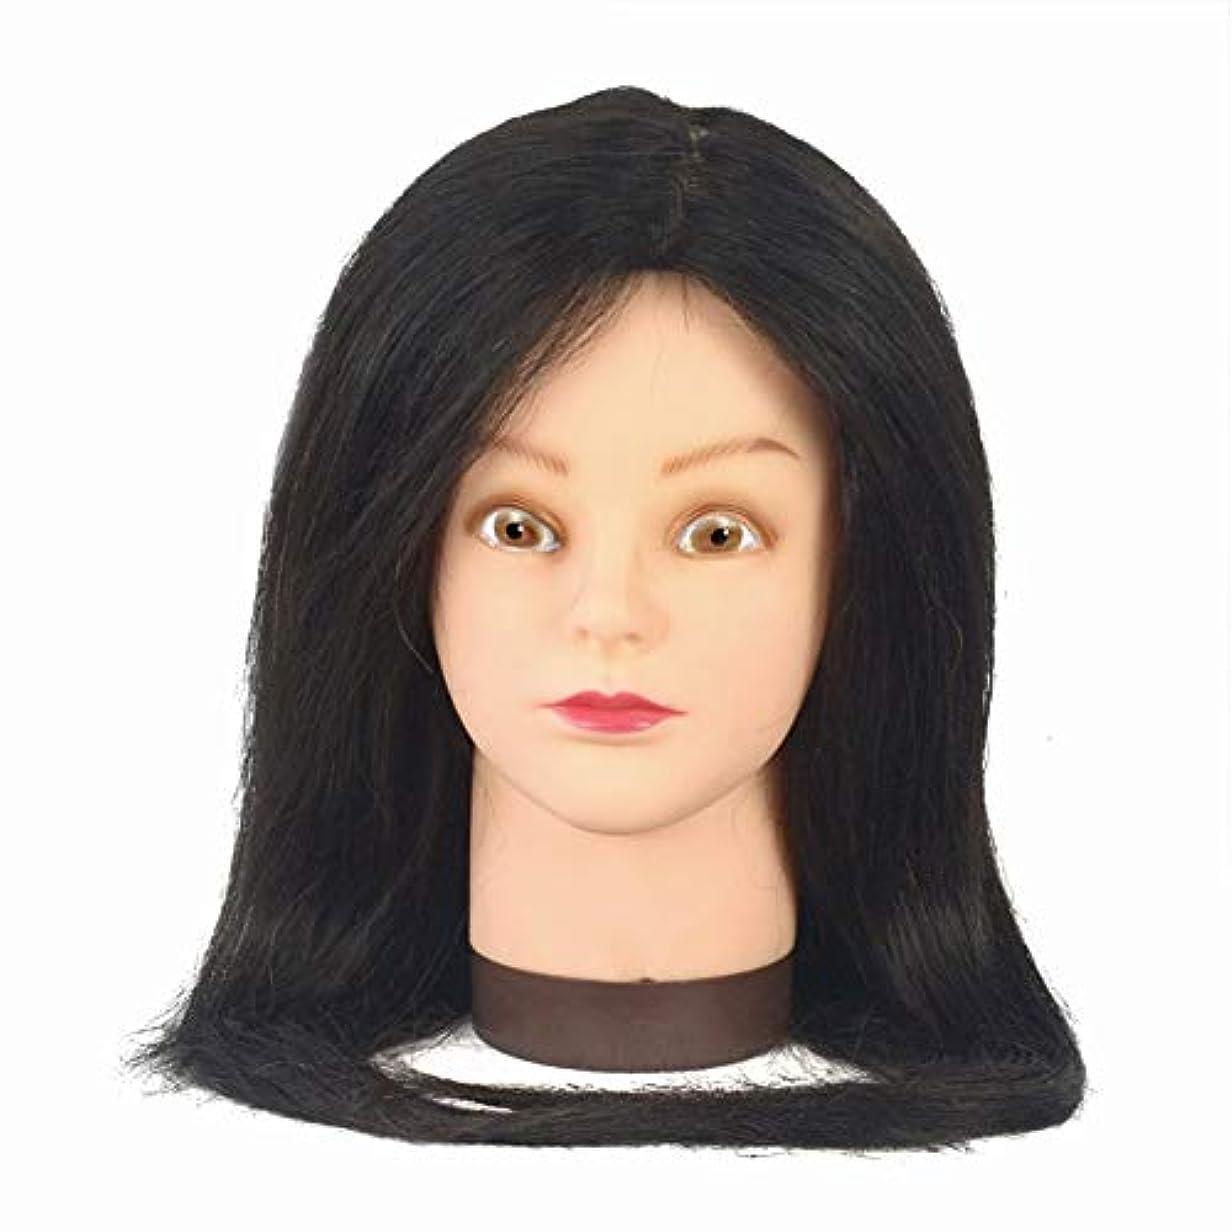 バター象銀河80%リアル人間の髪モデルヘッドサロン学習吹くことができますパーマ髪染めダミーヘッド編集ヘア練習ヘッドモデル,Black